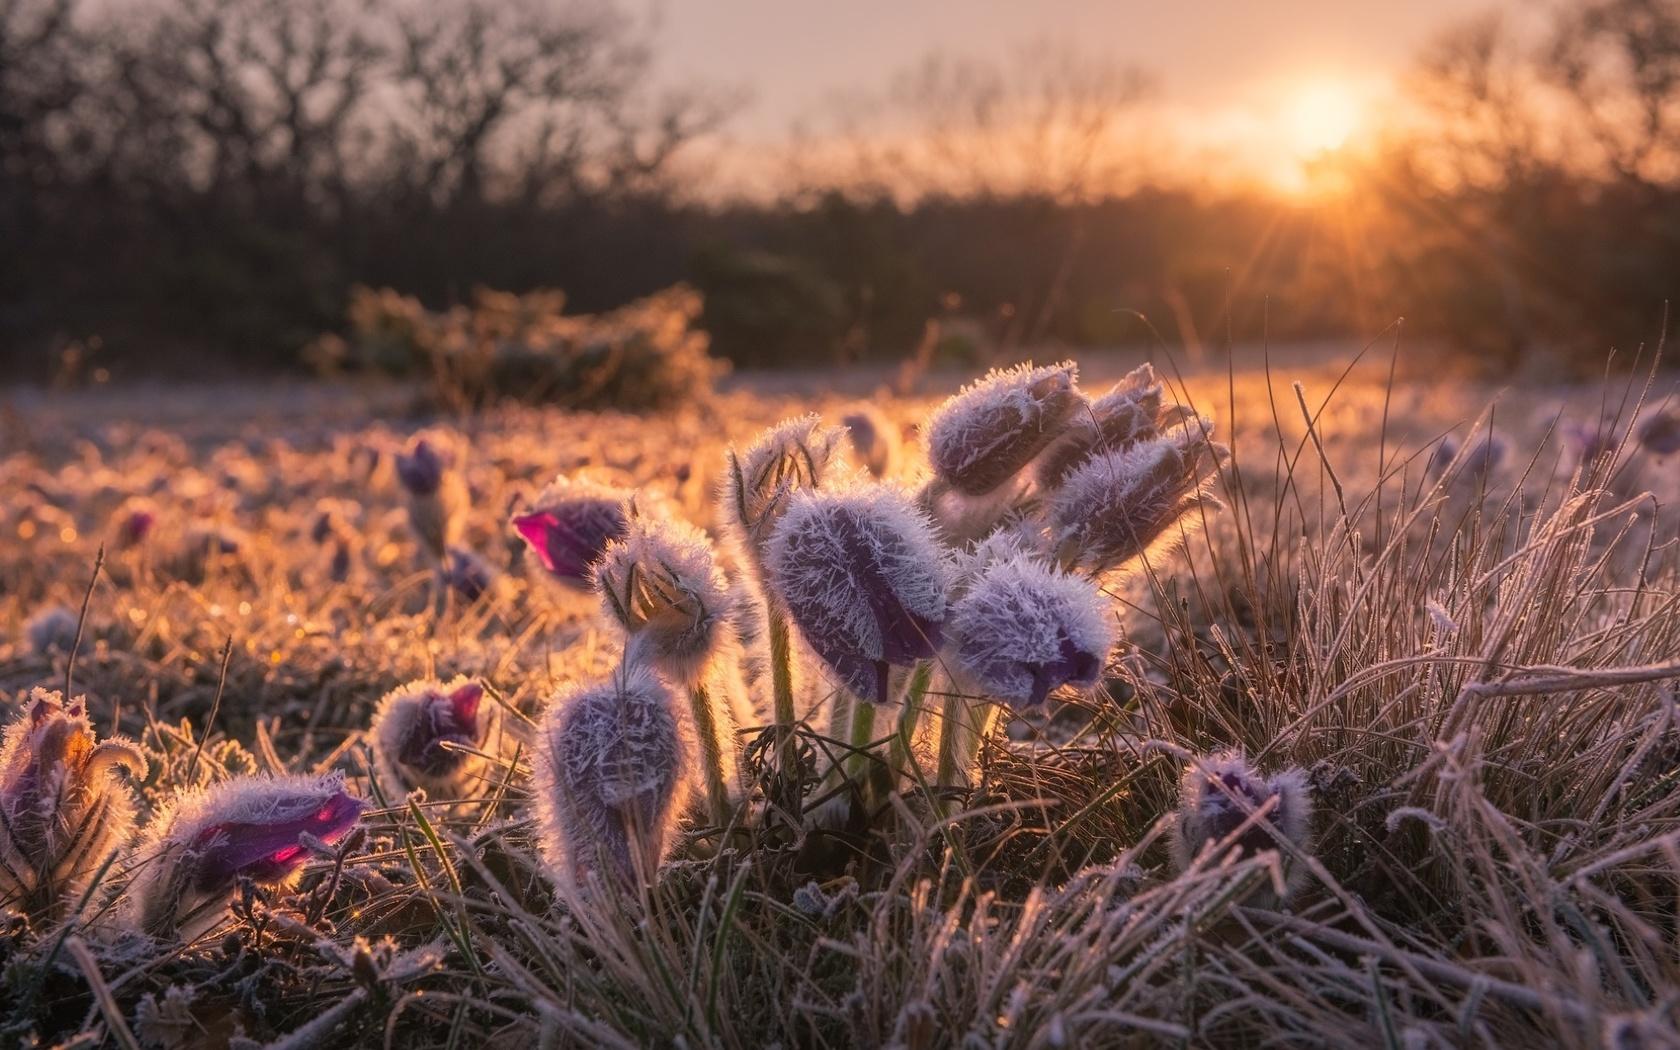 природа, весна, цветы, первоцветы, подснежники, трава